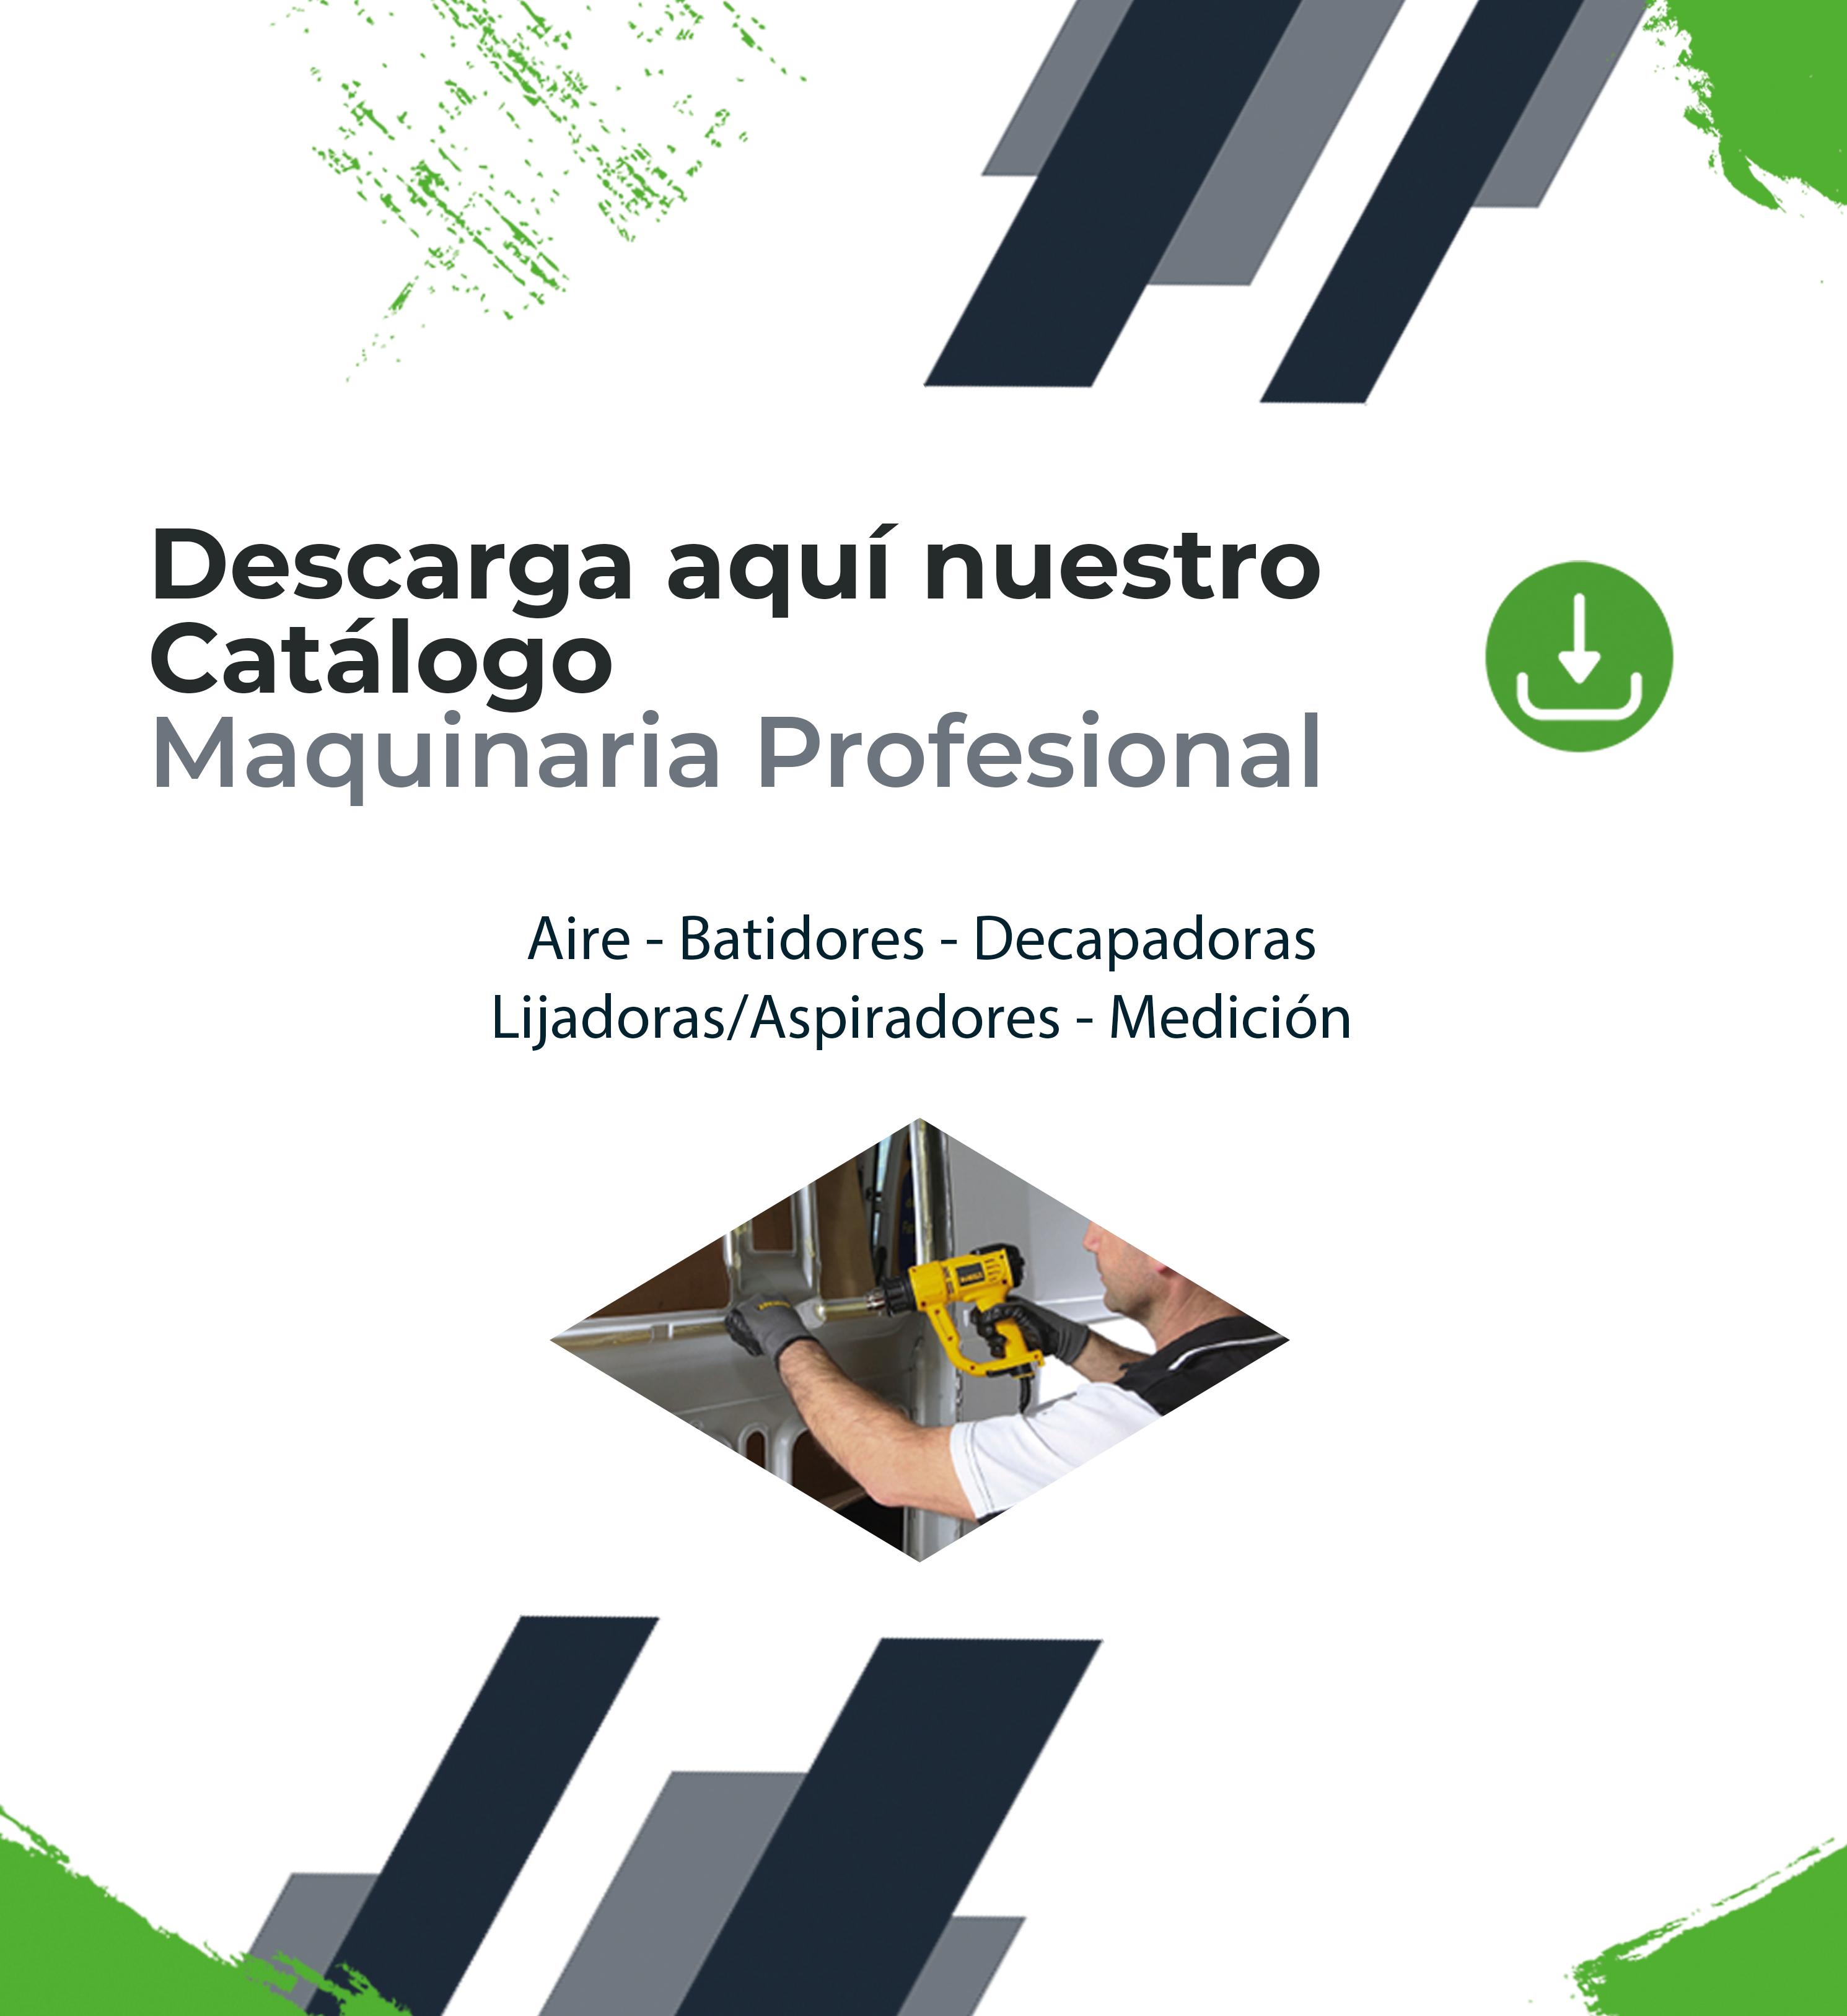 Catálogo maquinaria profesional